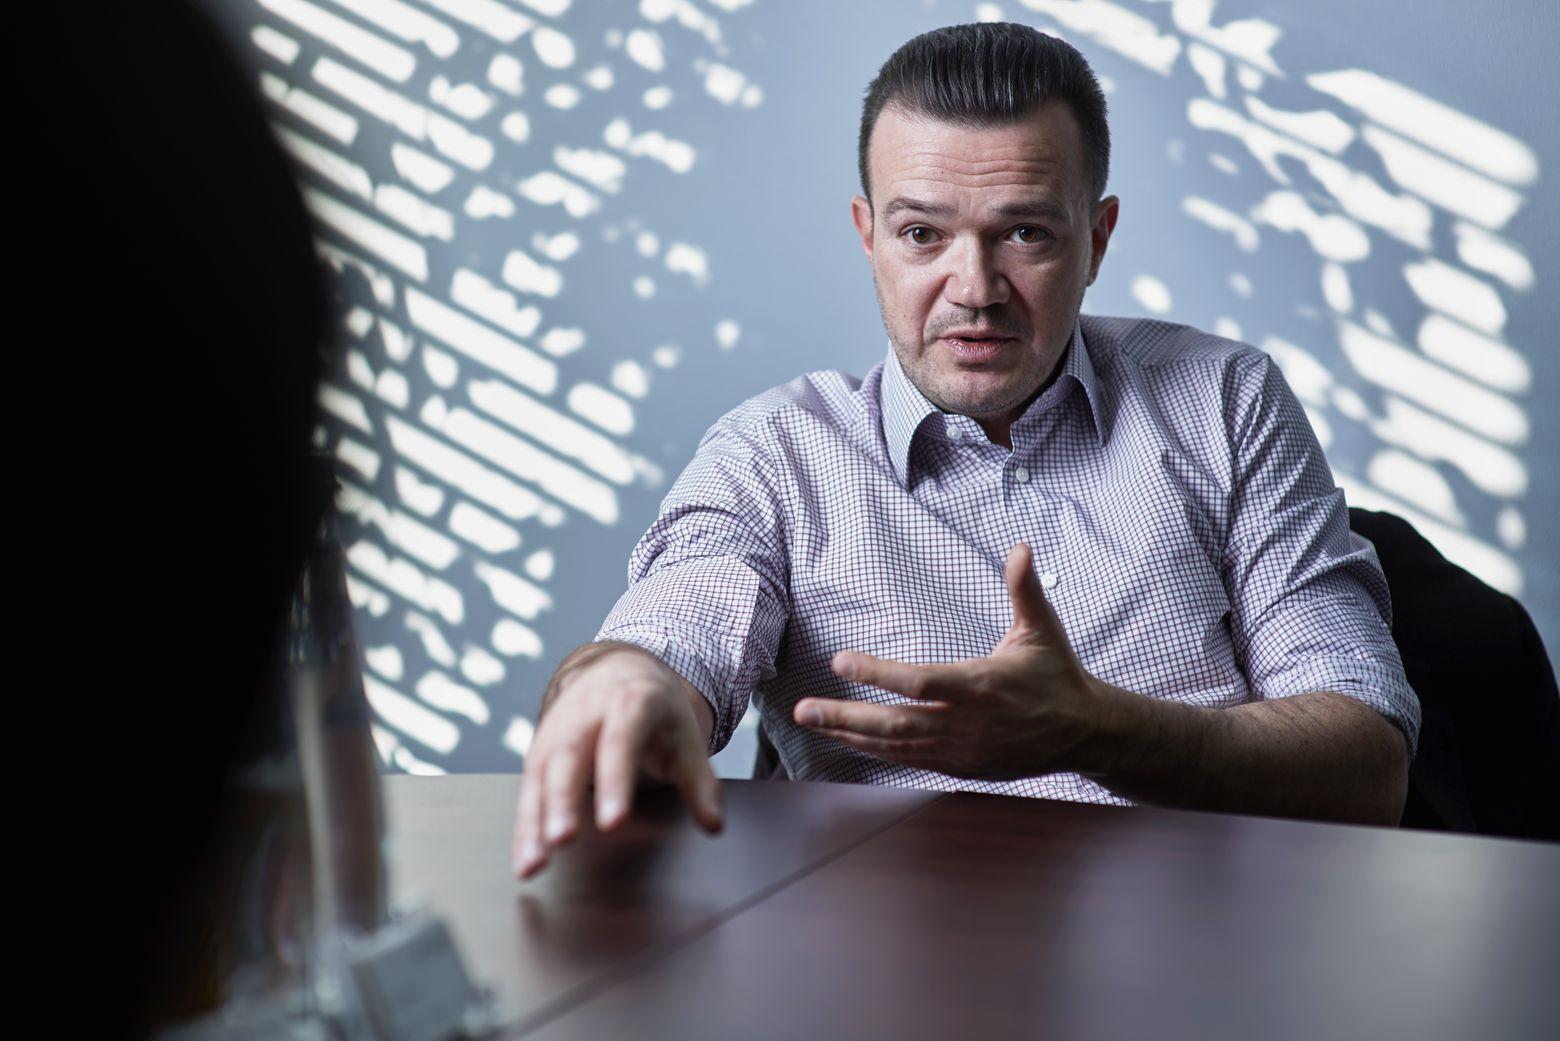 адвокат Денис Алейников, партнер «Алейников и партнеры»